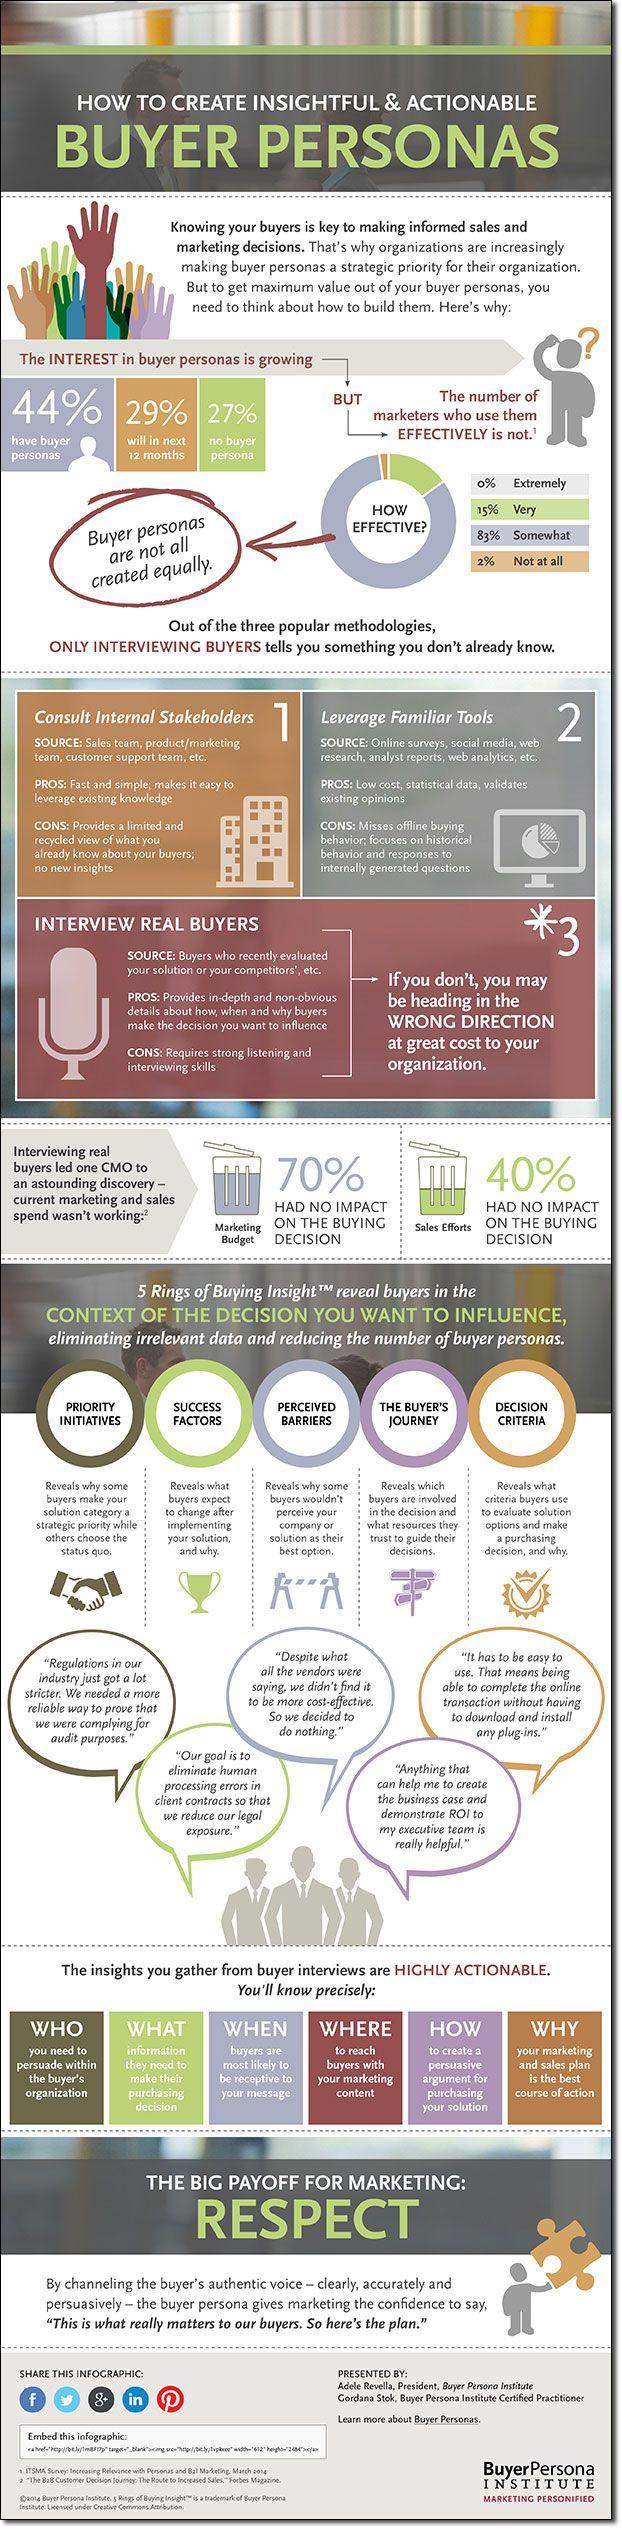 Buyer Persona Infographic #contentstrategie #contentmarketing